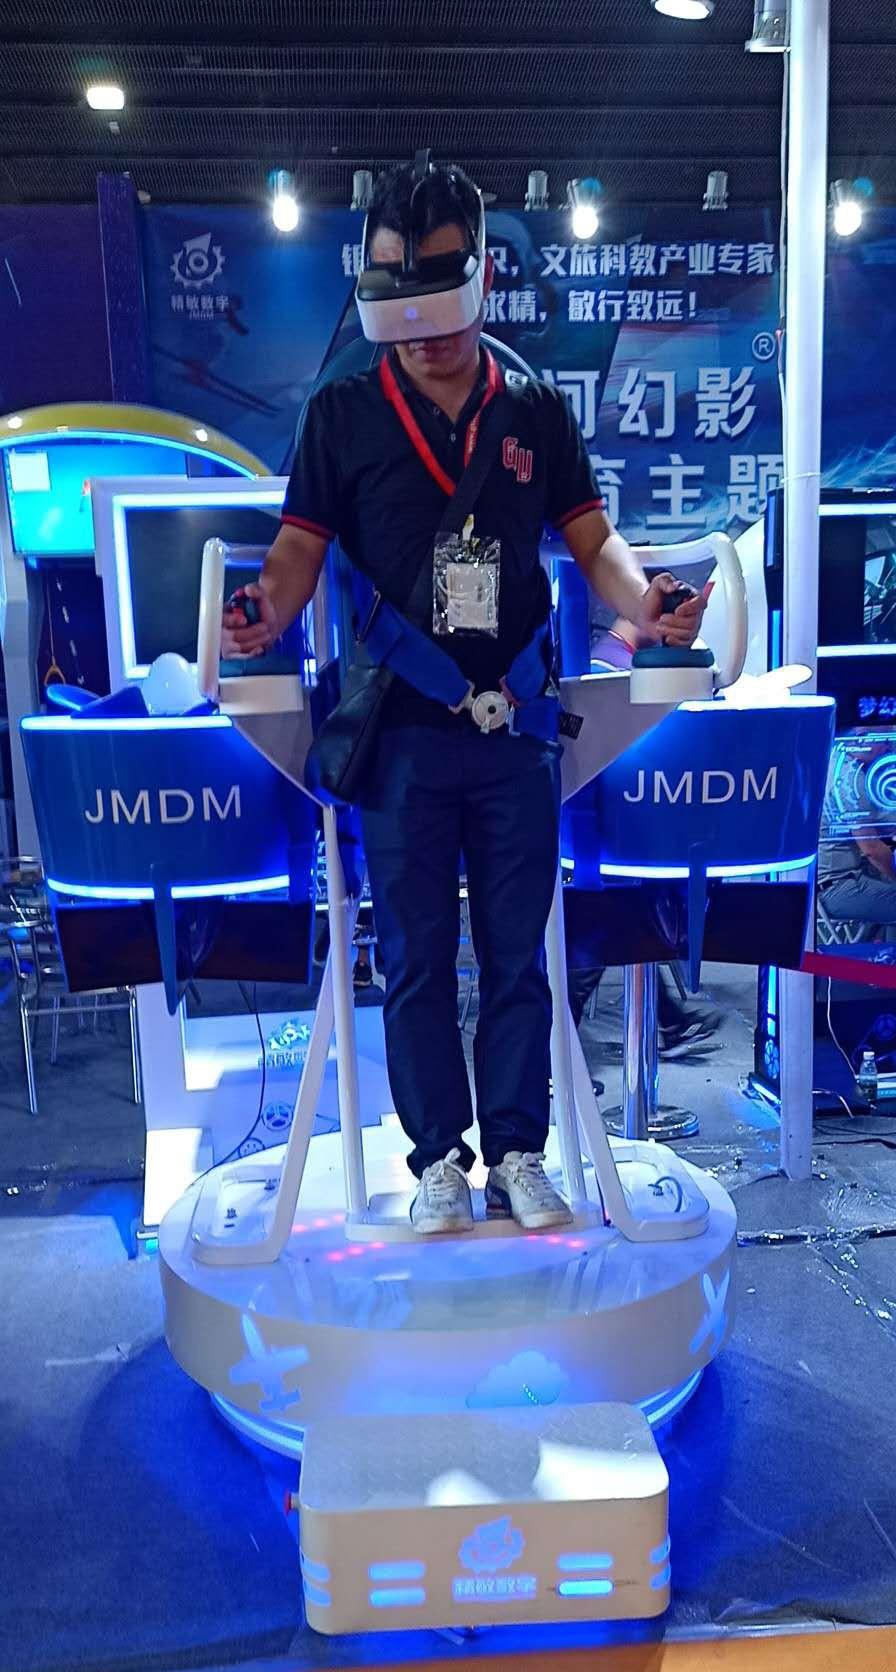 20180915广州电子游戏国际产业展(GTI广州展)背包飞行器-新版 (5).jpg